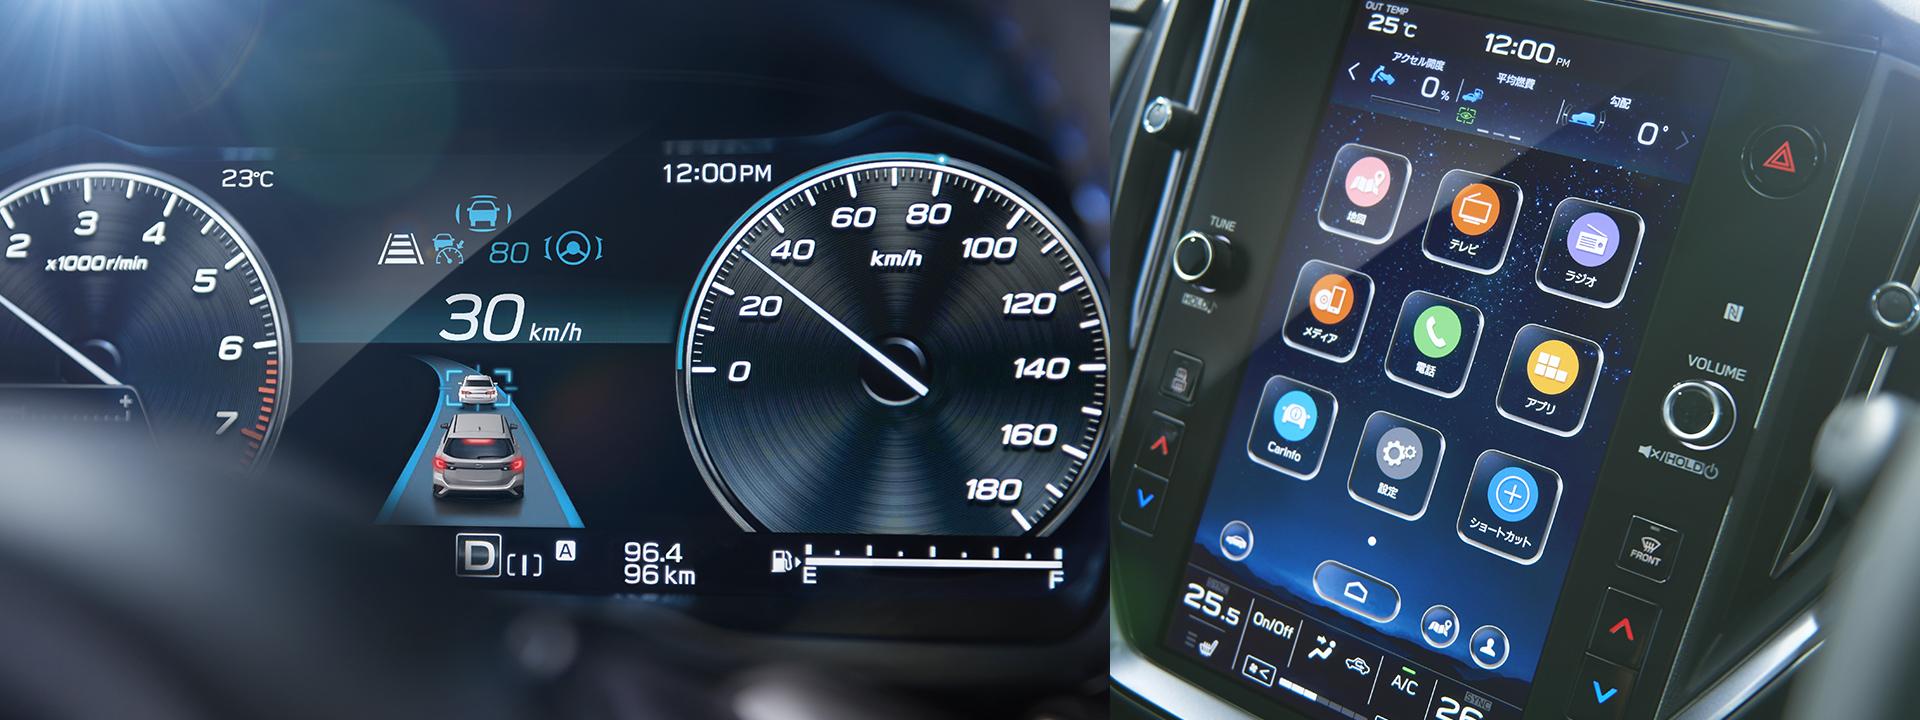 レヴォーグ 12.3インチフル液晶メーター 11.6インチセンターインフォメーションディスプレイ ドライバーモニタリングシステム